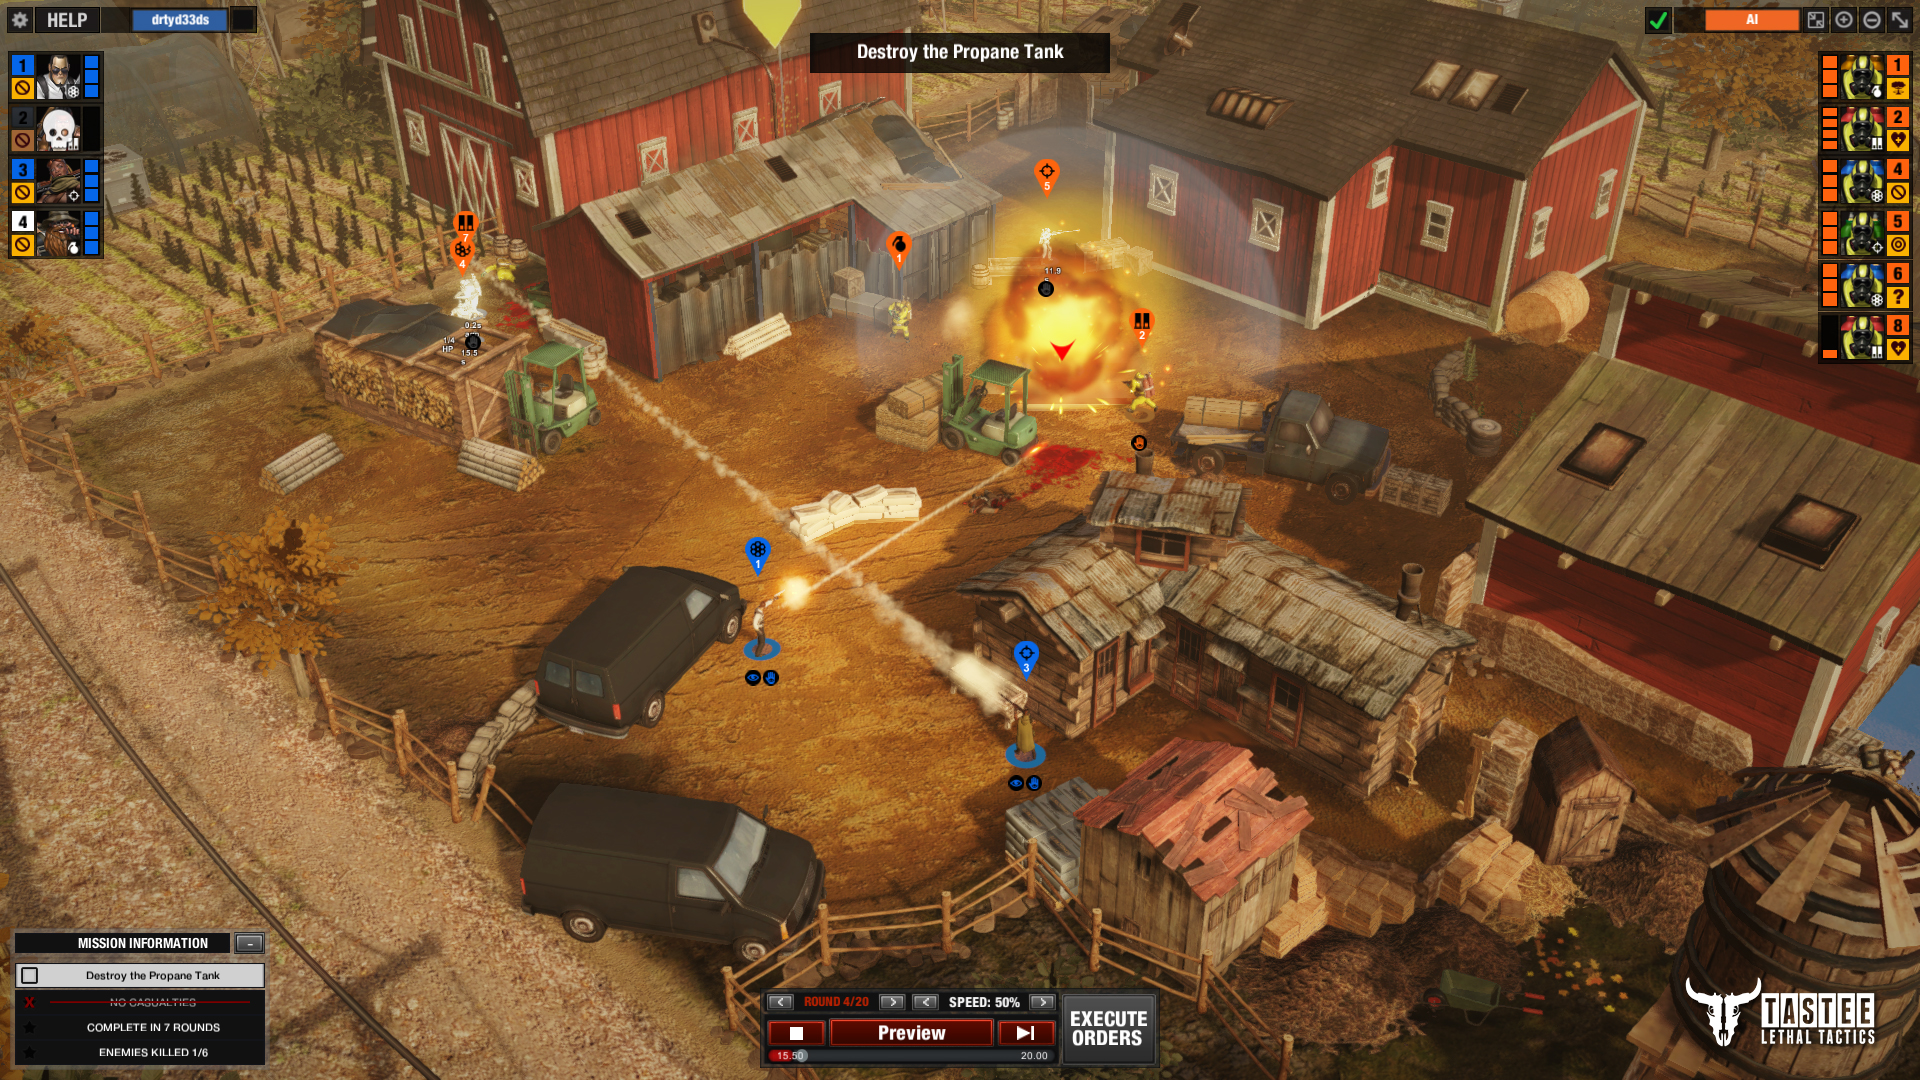 TASTEE_Lethal_Tactics-Missions_WildAcres.jpg